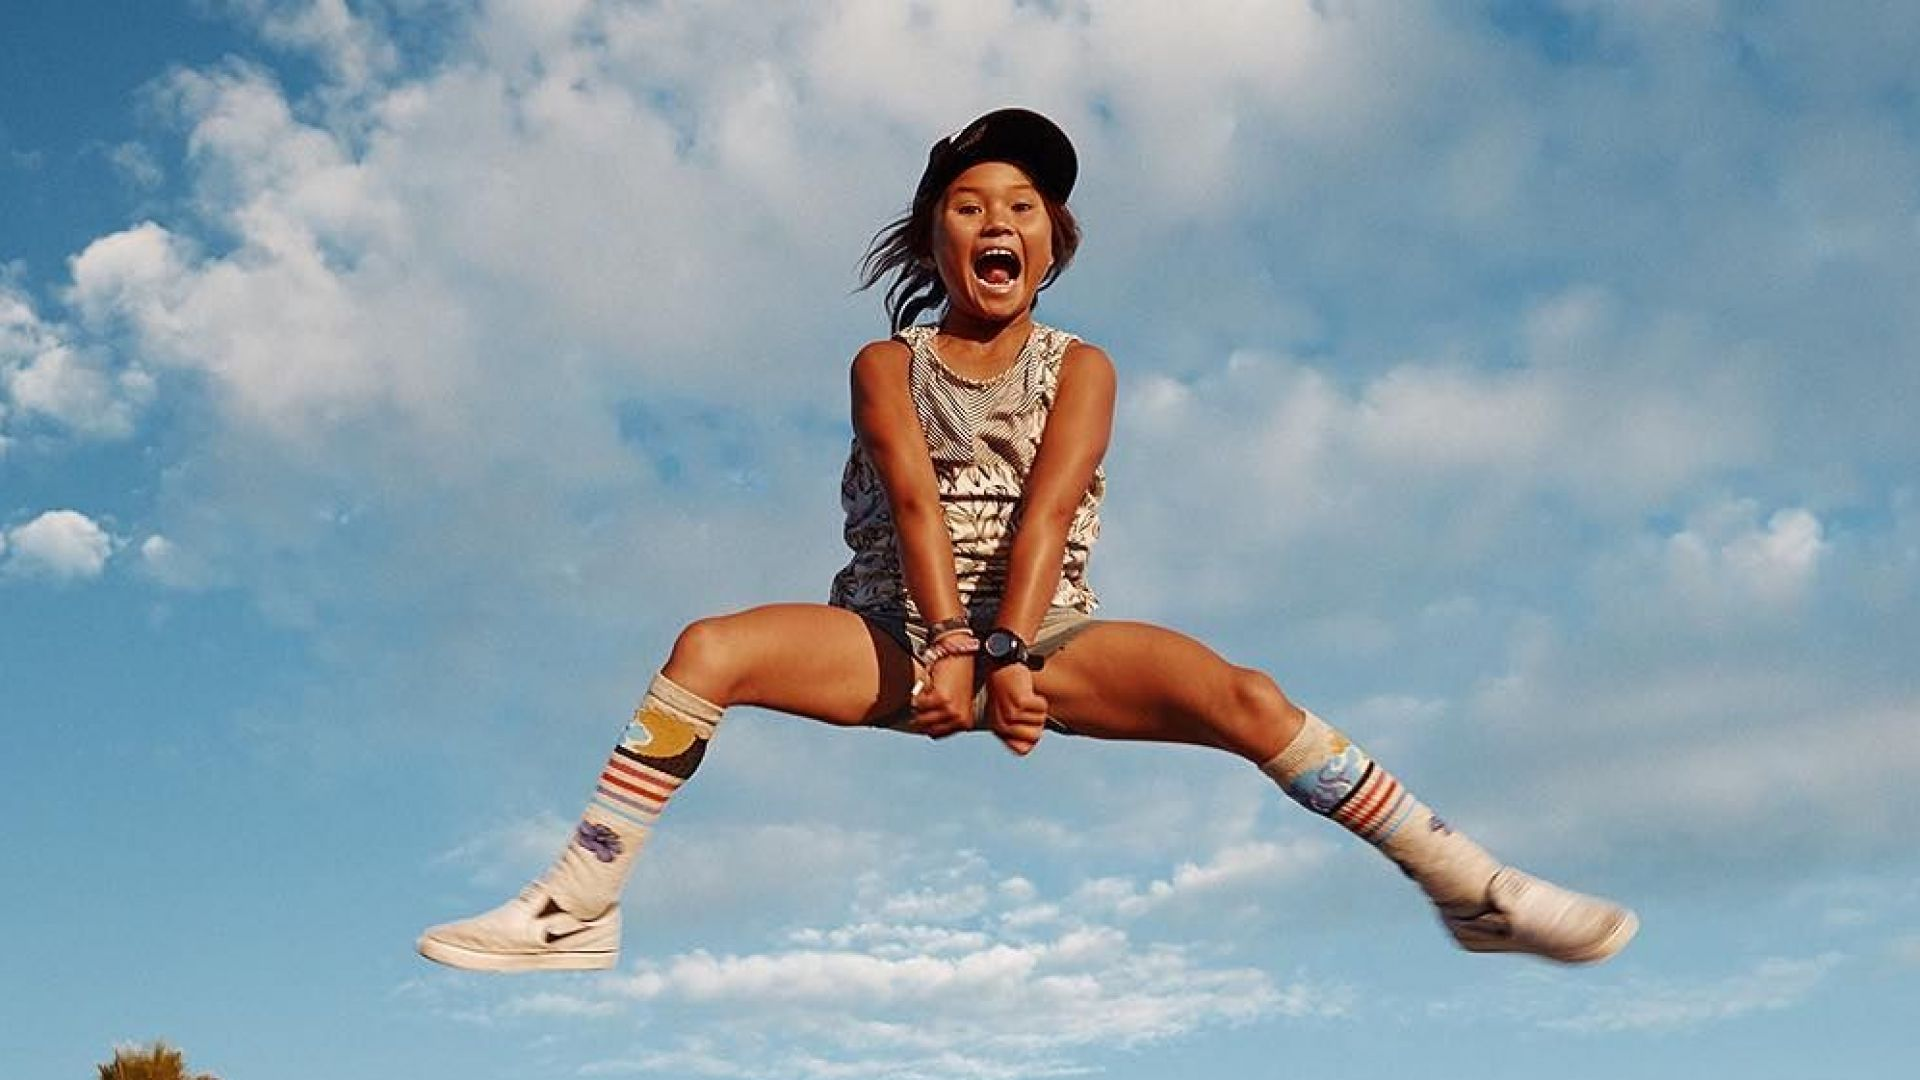 12-годишно момиче на Олимпиадата, възможно ли е?